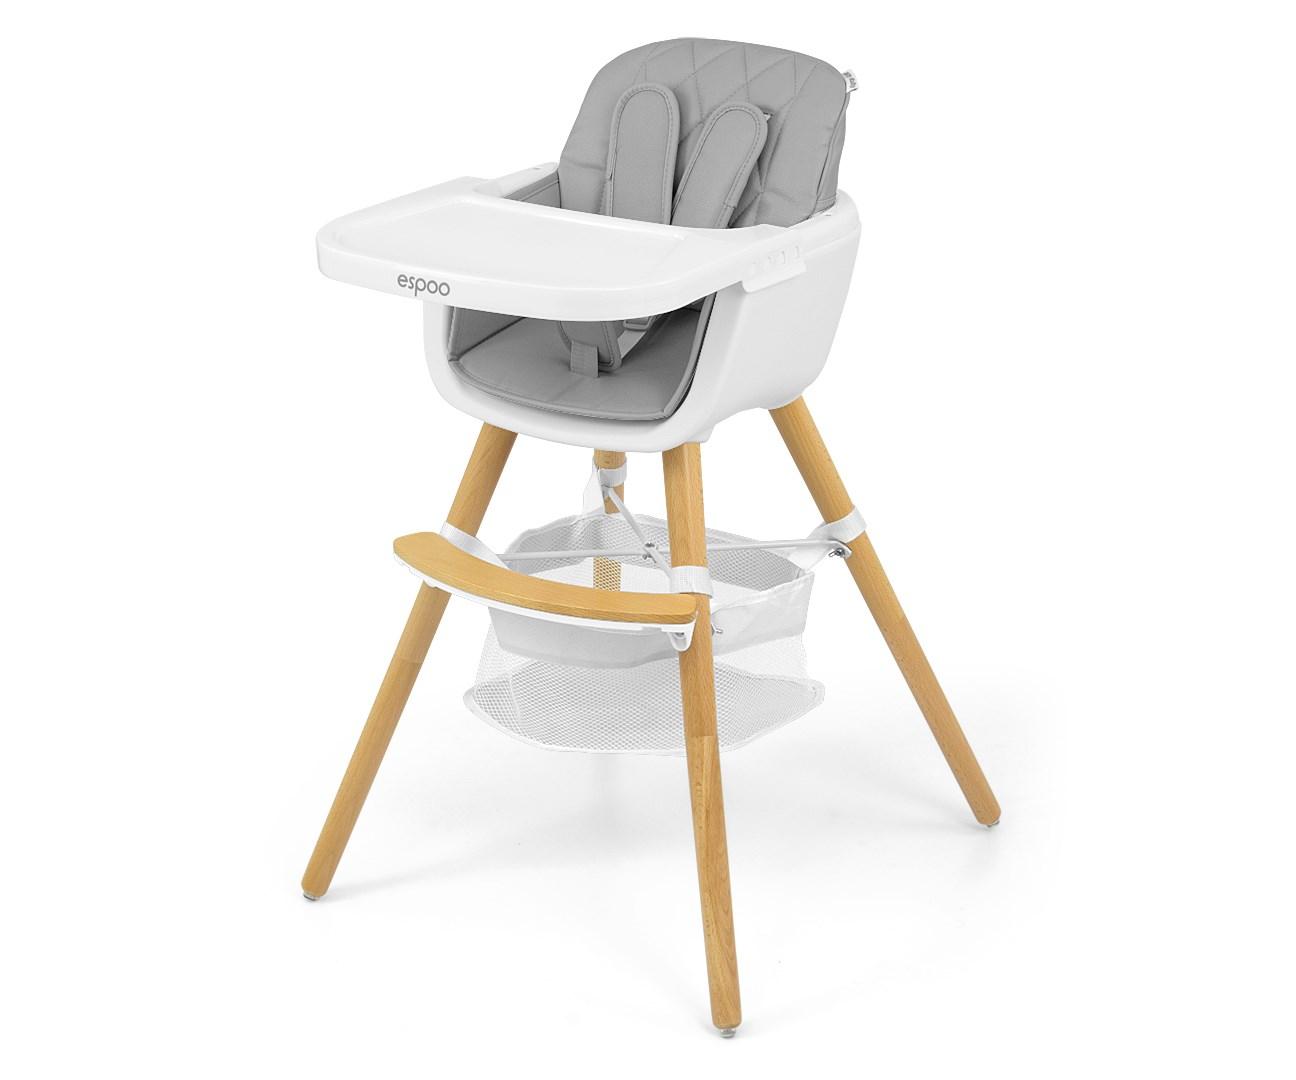 Jídelní židlička Milly Mally 2v1 Espoo šedá